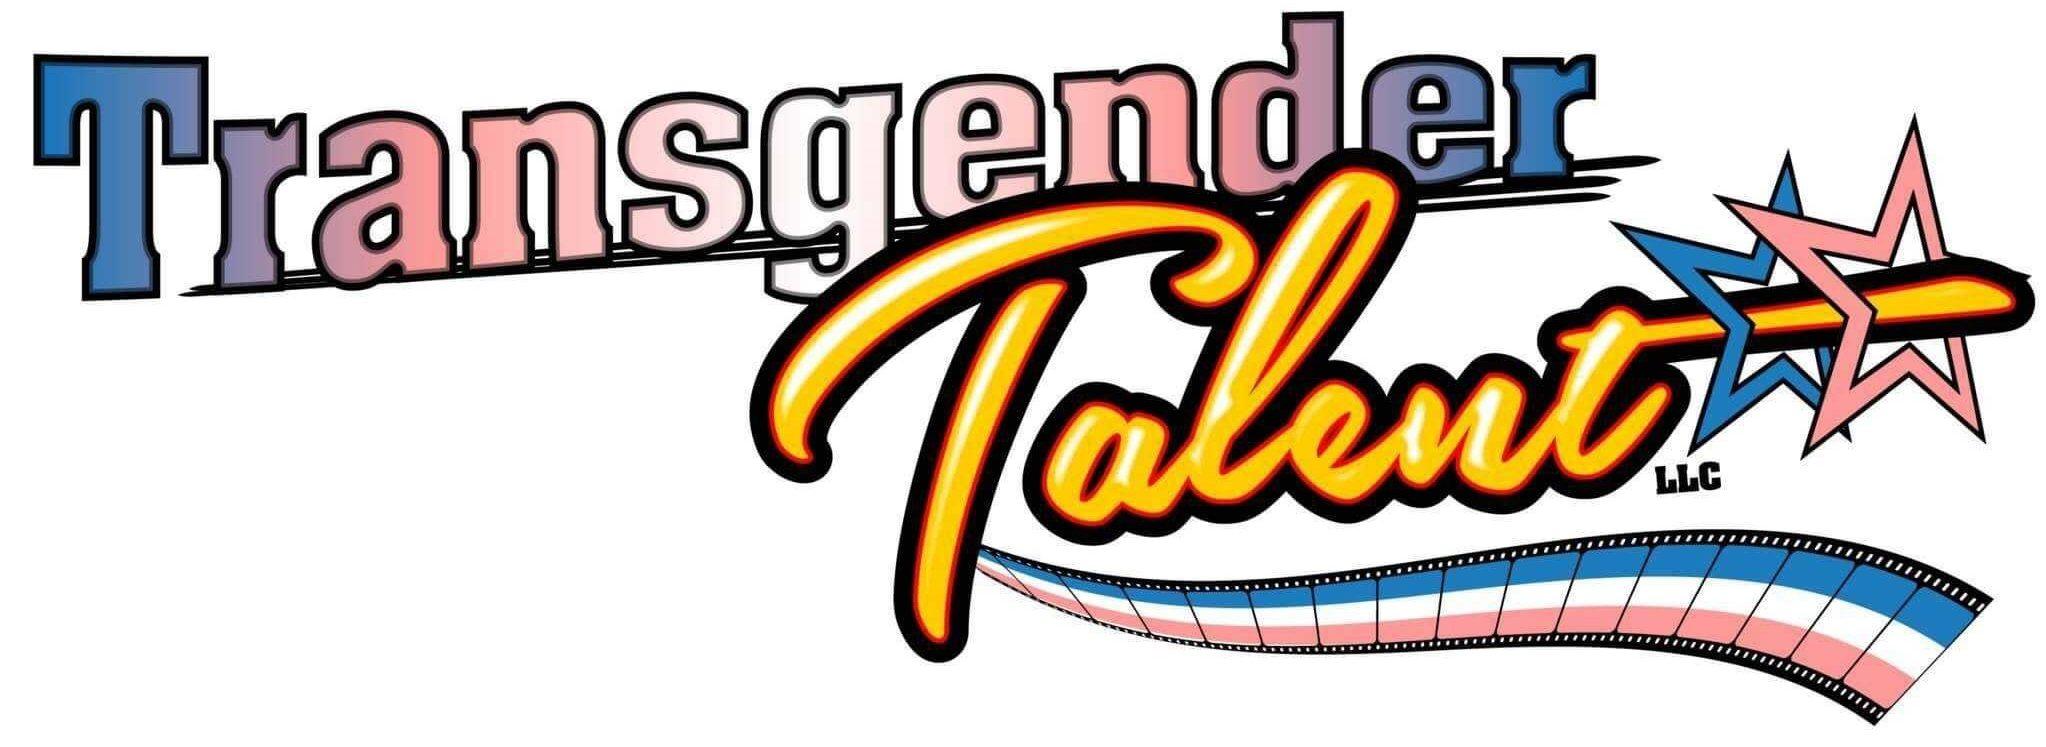 Transgender Talent